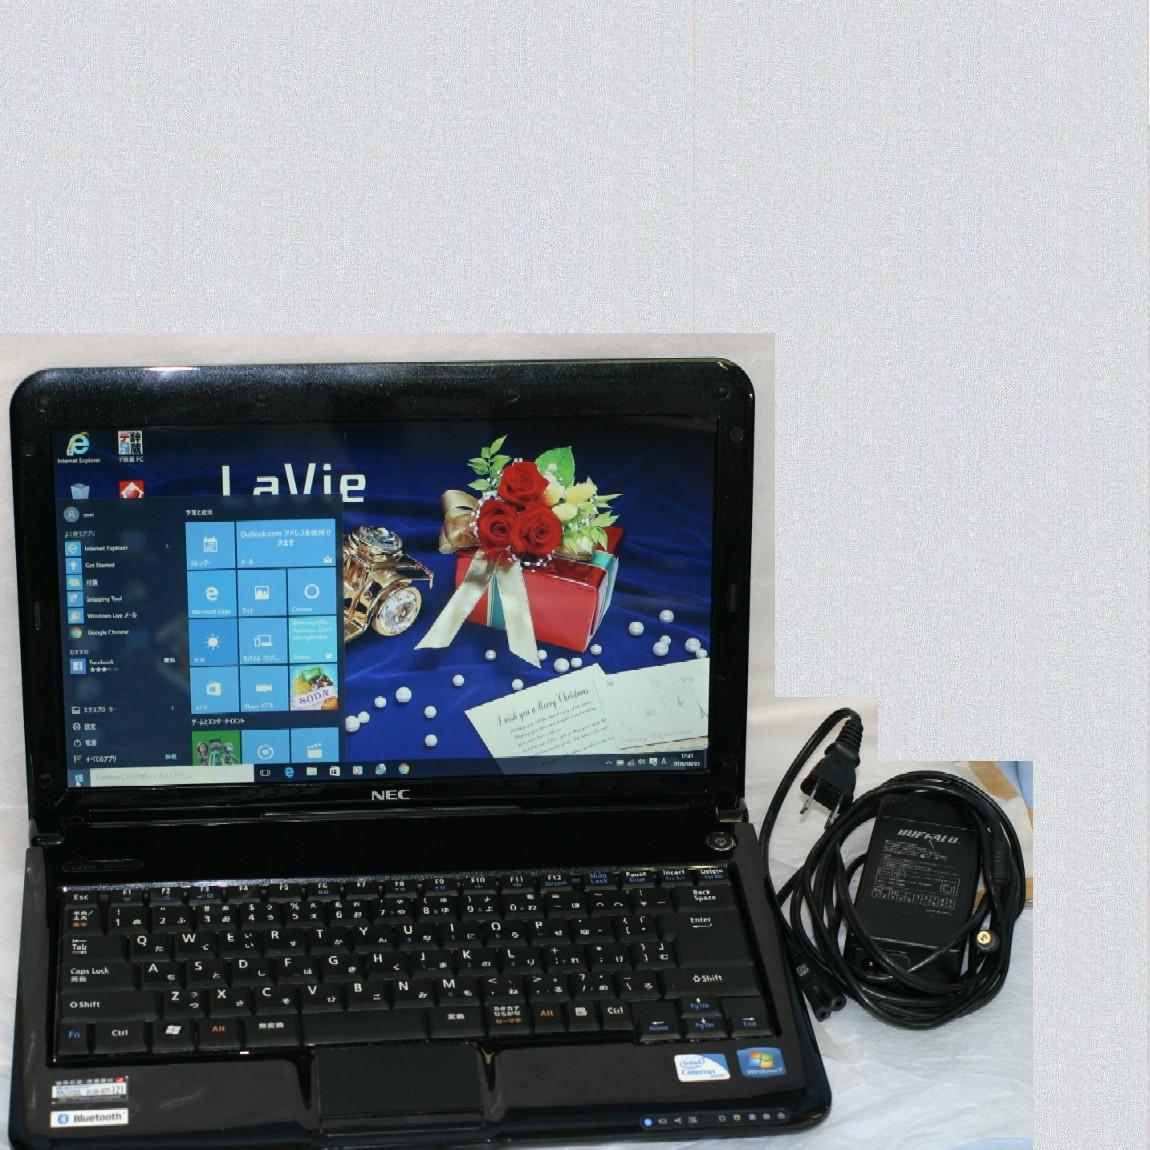 【中古】NECノートパソコンPC-LM330VH6B Windows10アップグレード済み